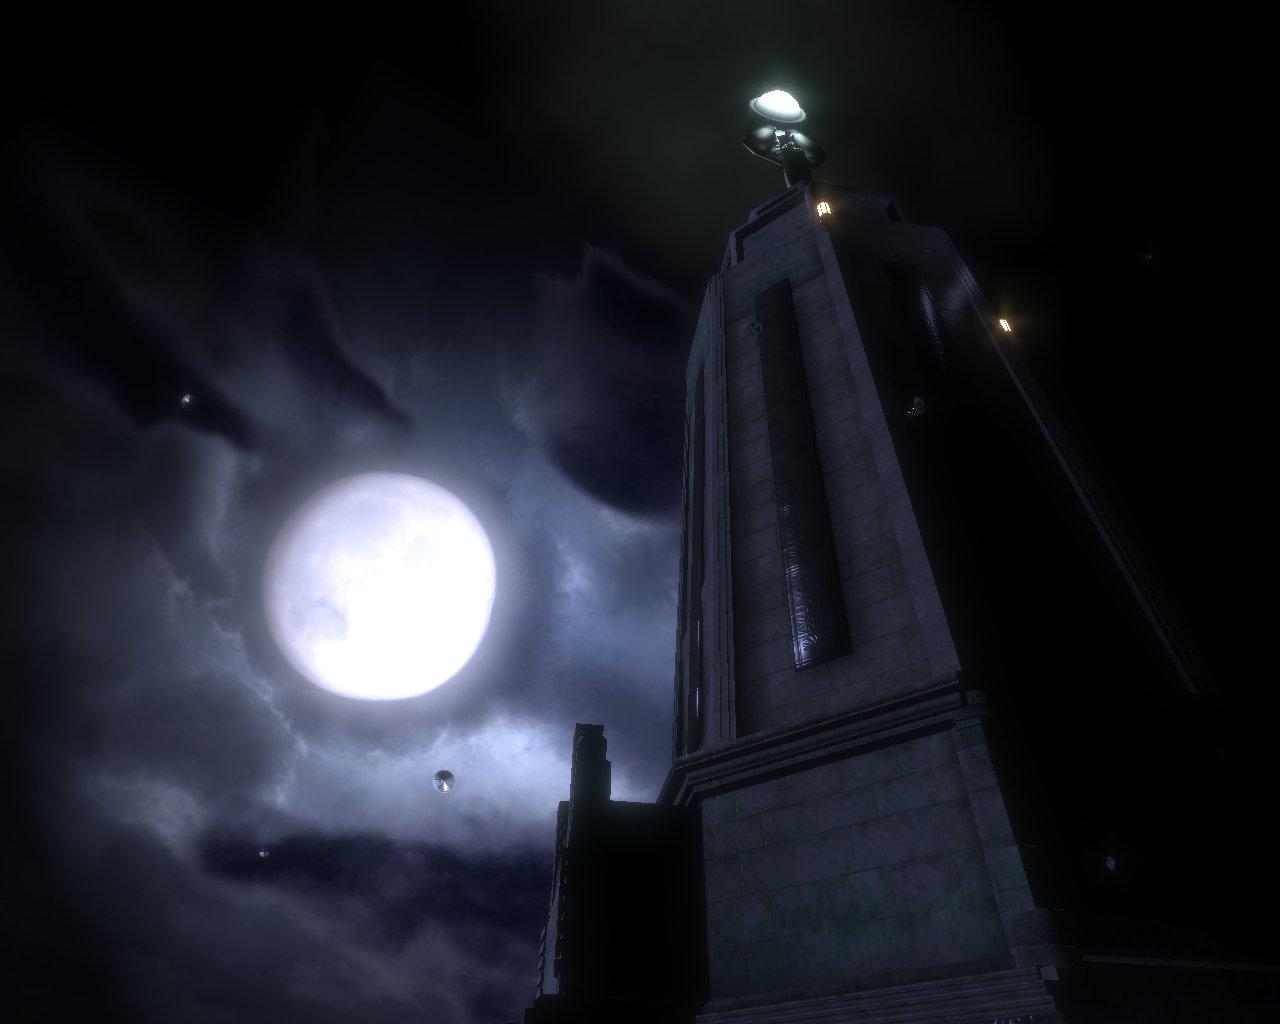 El faro bioshock wiki fandom powered by wikia - Bioshock wikia ...